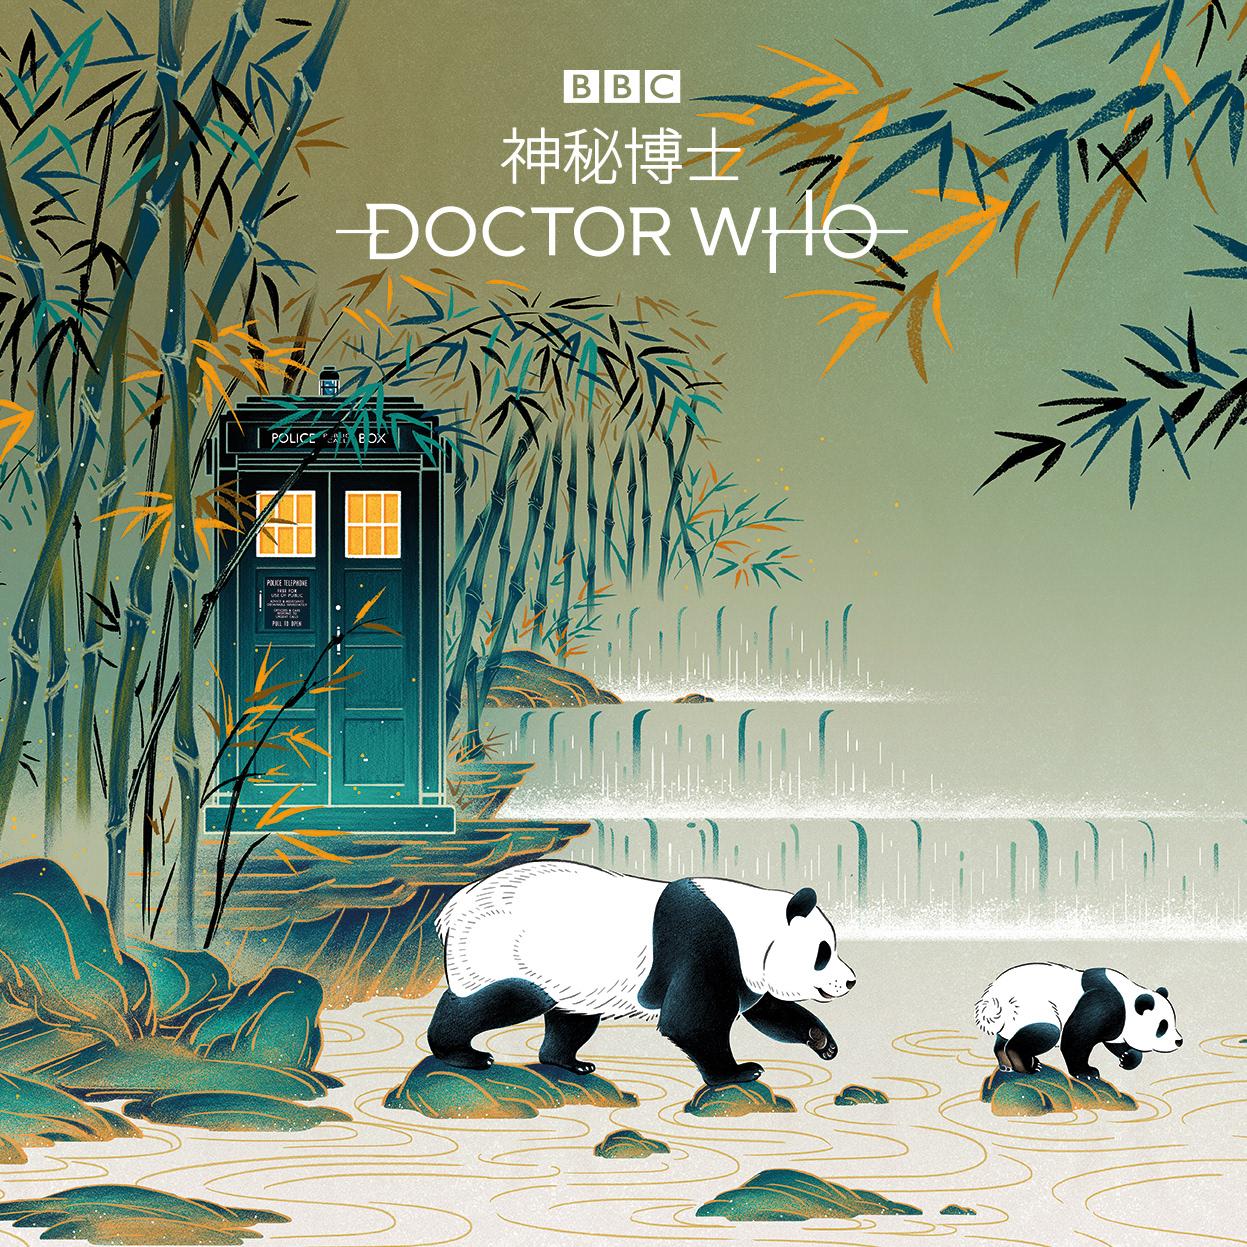 feifei-ruan-dr-who-05 Il TARDIS della serie Doctor Who si fa un viaggio in cina!